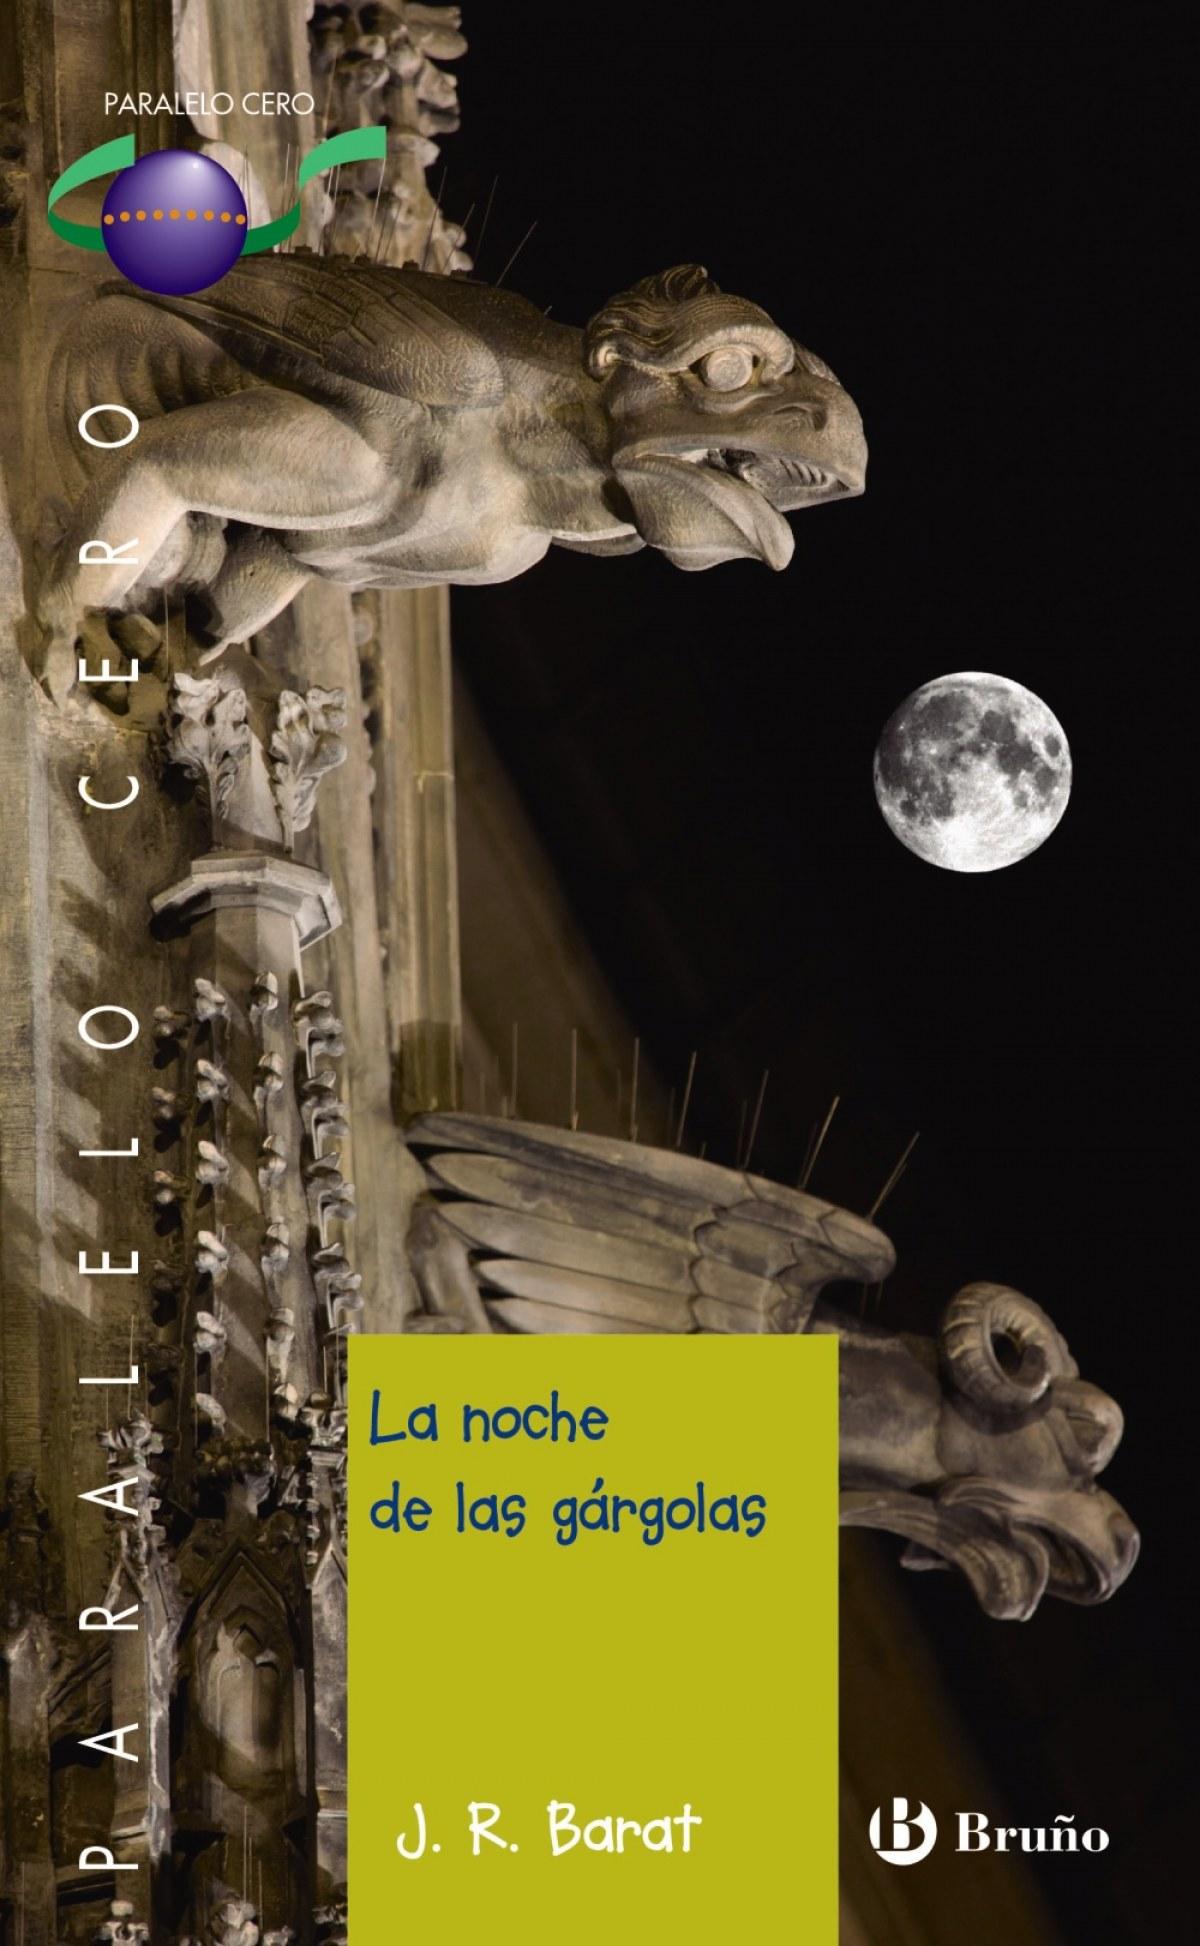 LA NOCHE DE LAS GÁRGOLAS 9788469623312